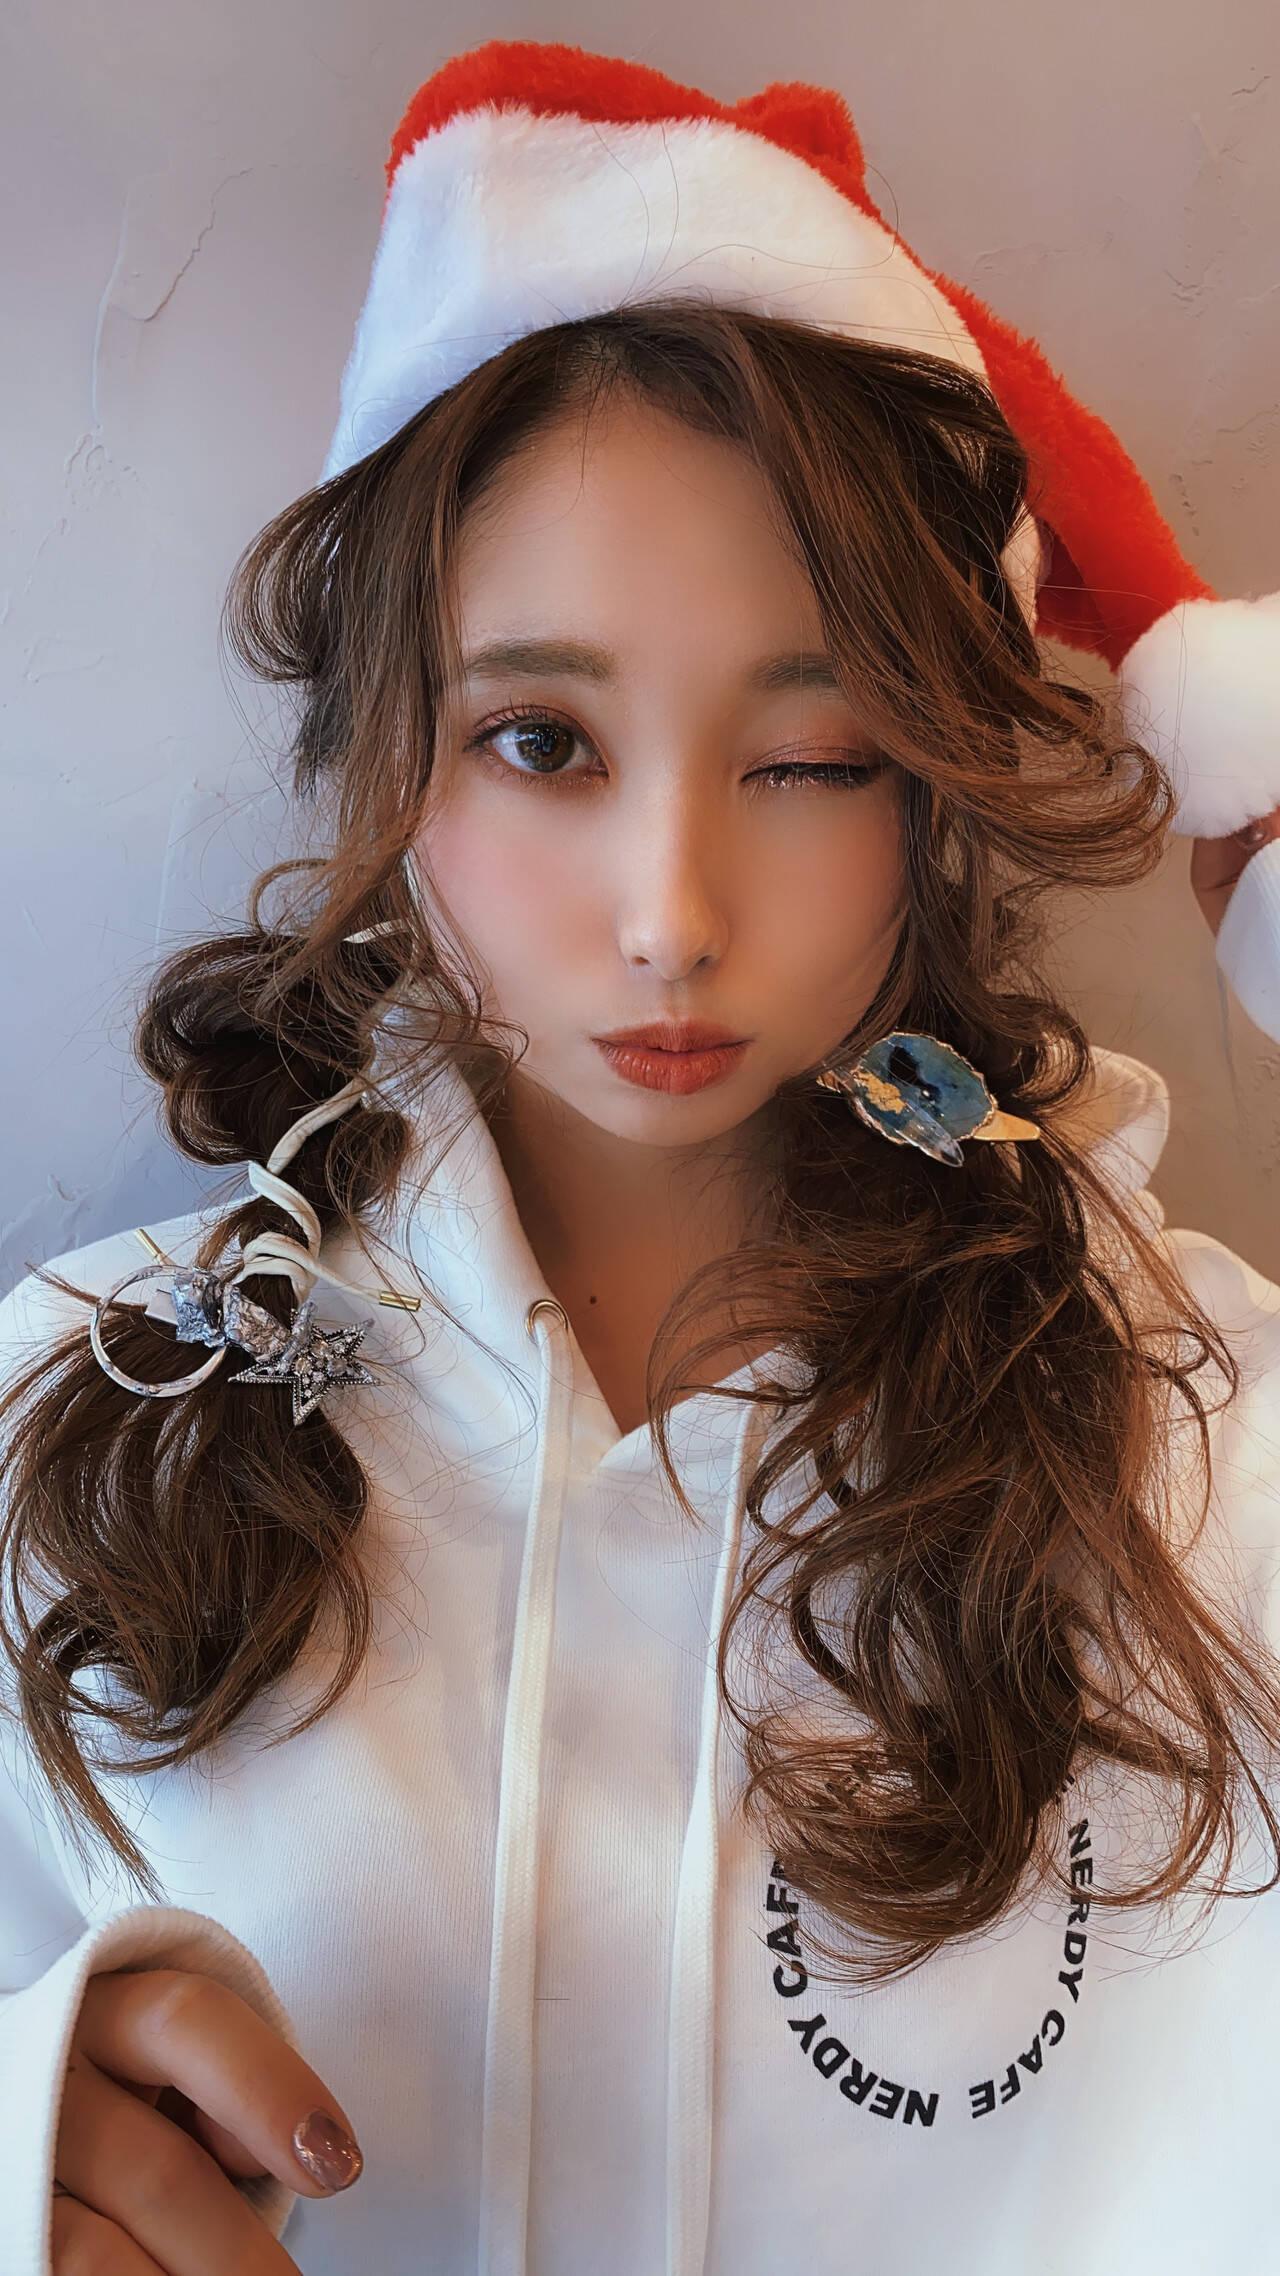 ロング ふわふわヘアアレンジ ヘアアレンジ クリスマスアレンジヘアスタイルや髪型の写真・画像